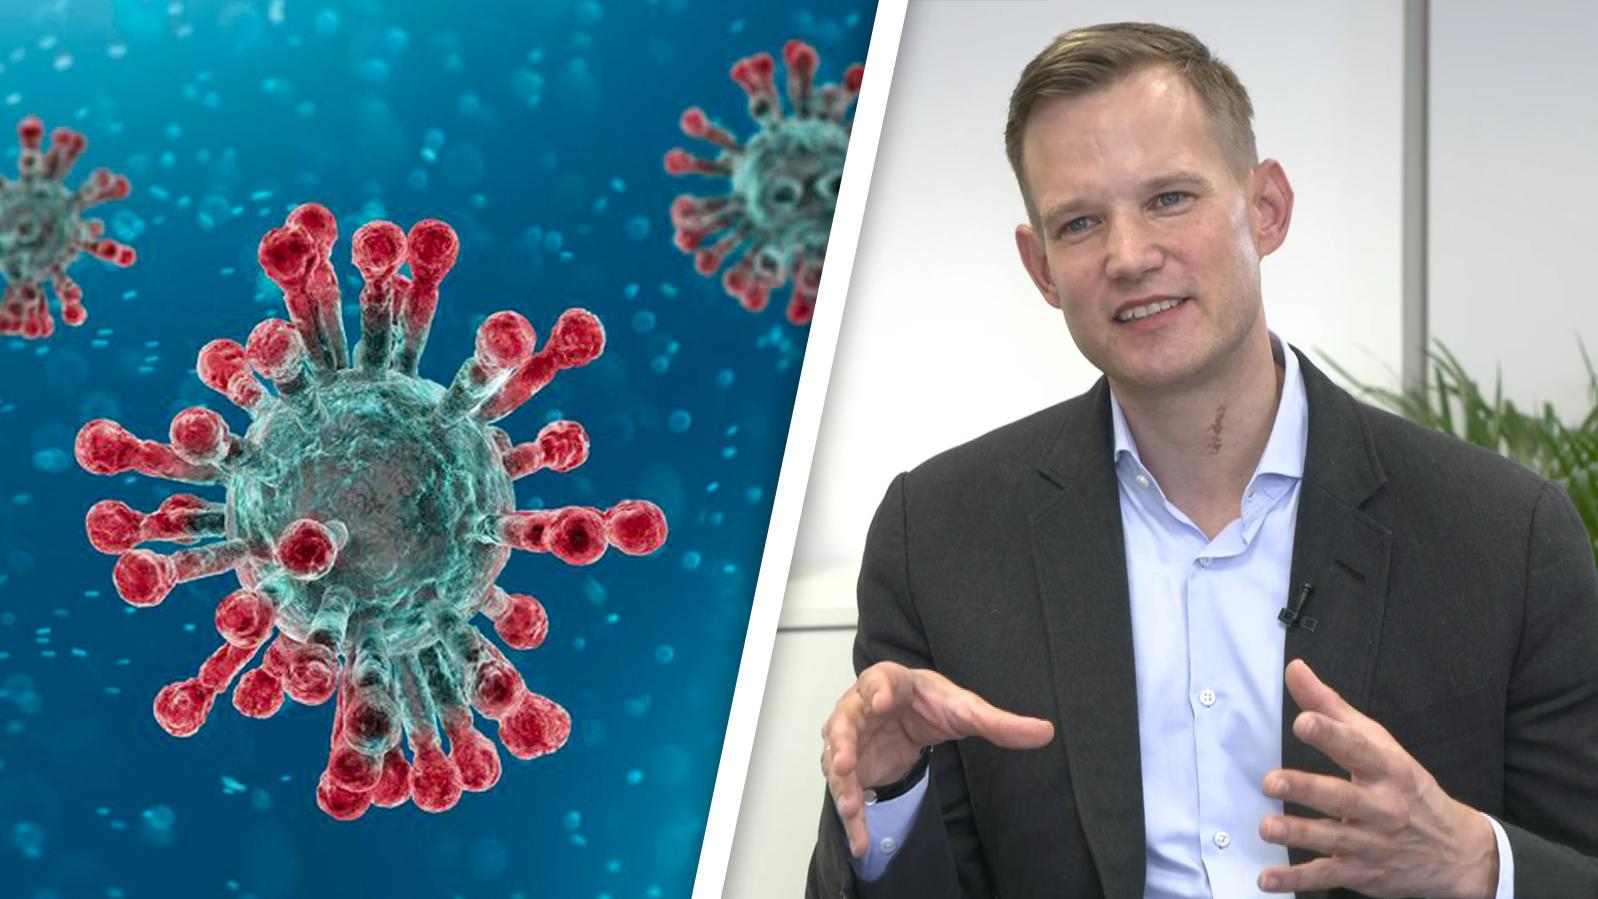 Ist das Gegenmittel gegen das Coronavirus gefunden? Wir haben einen Virologen befragt!